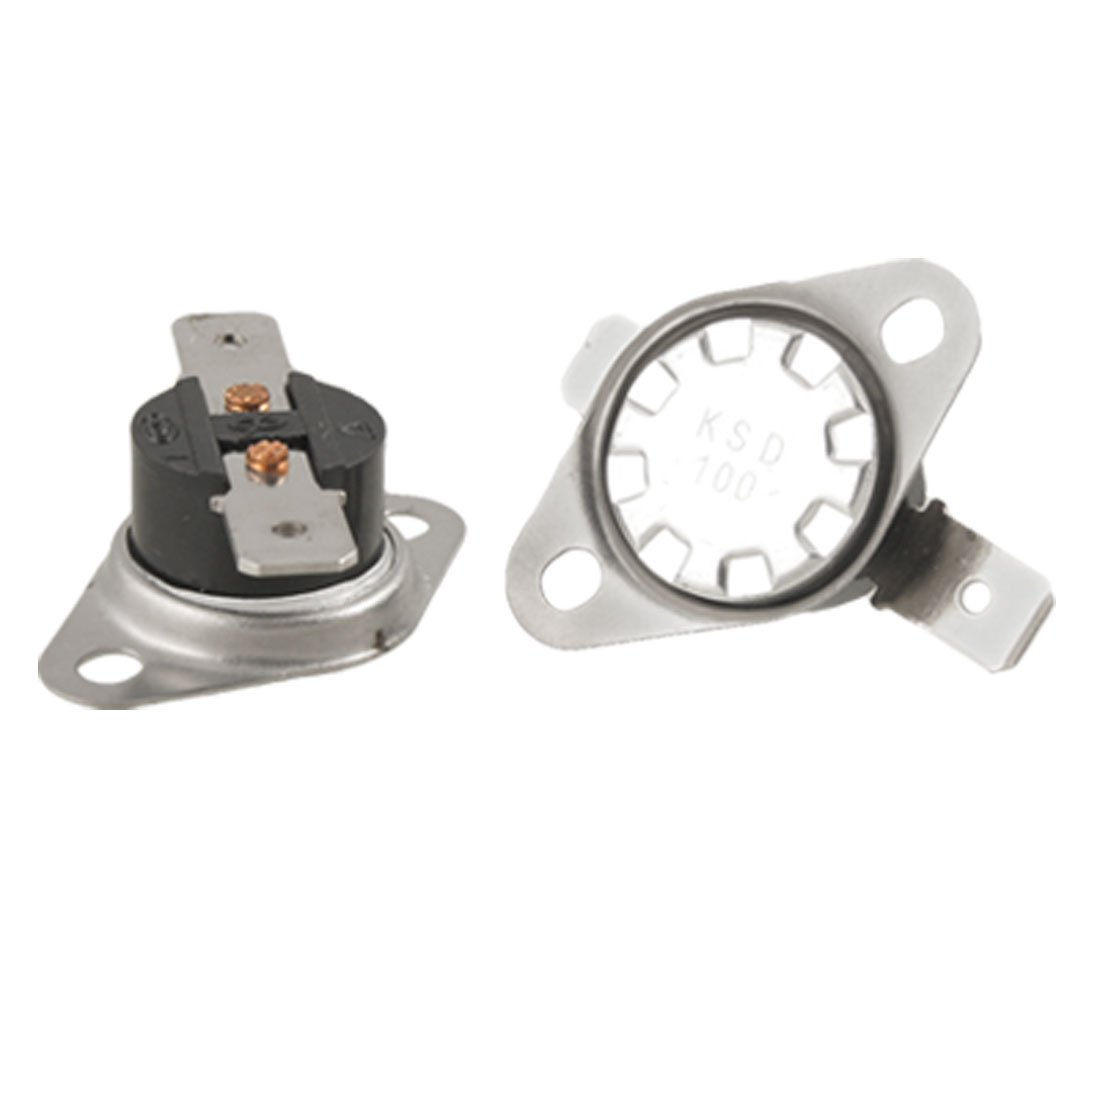 Série KSD Contrôle de la température Interrupteur Thermostat 100C ° N.C. Lot de 2 Sourcingmap a11111700ux0413